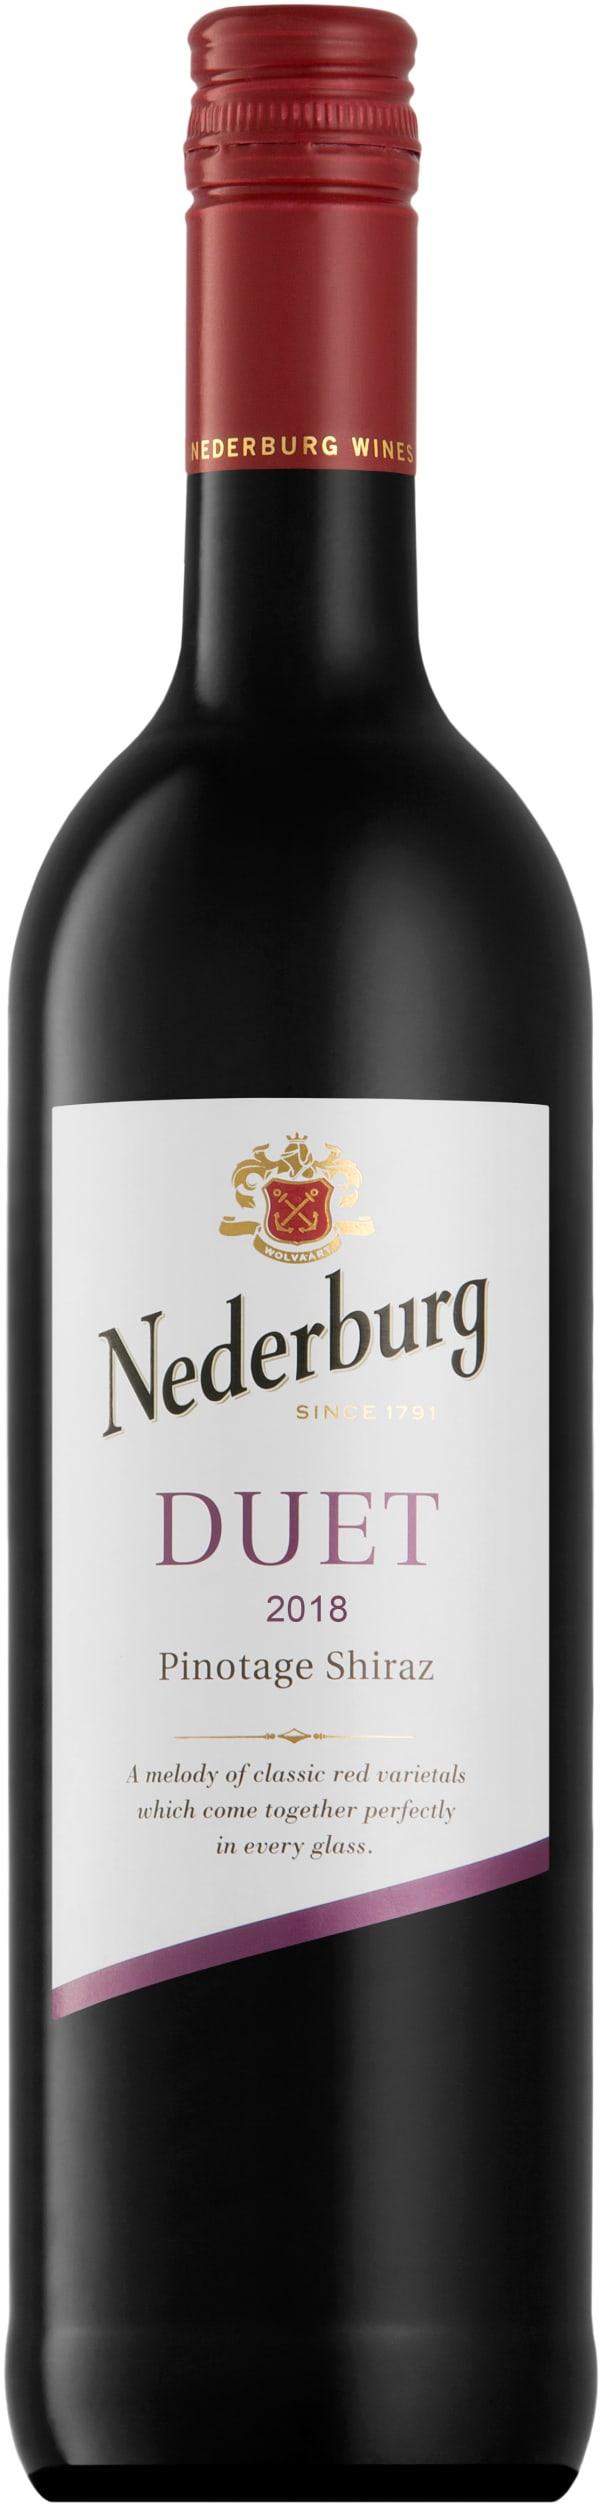 Nederburg Duet 2018